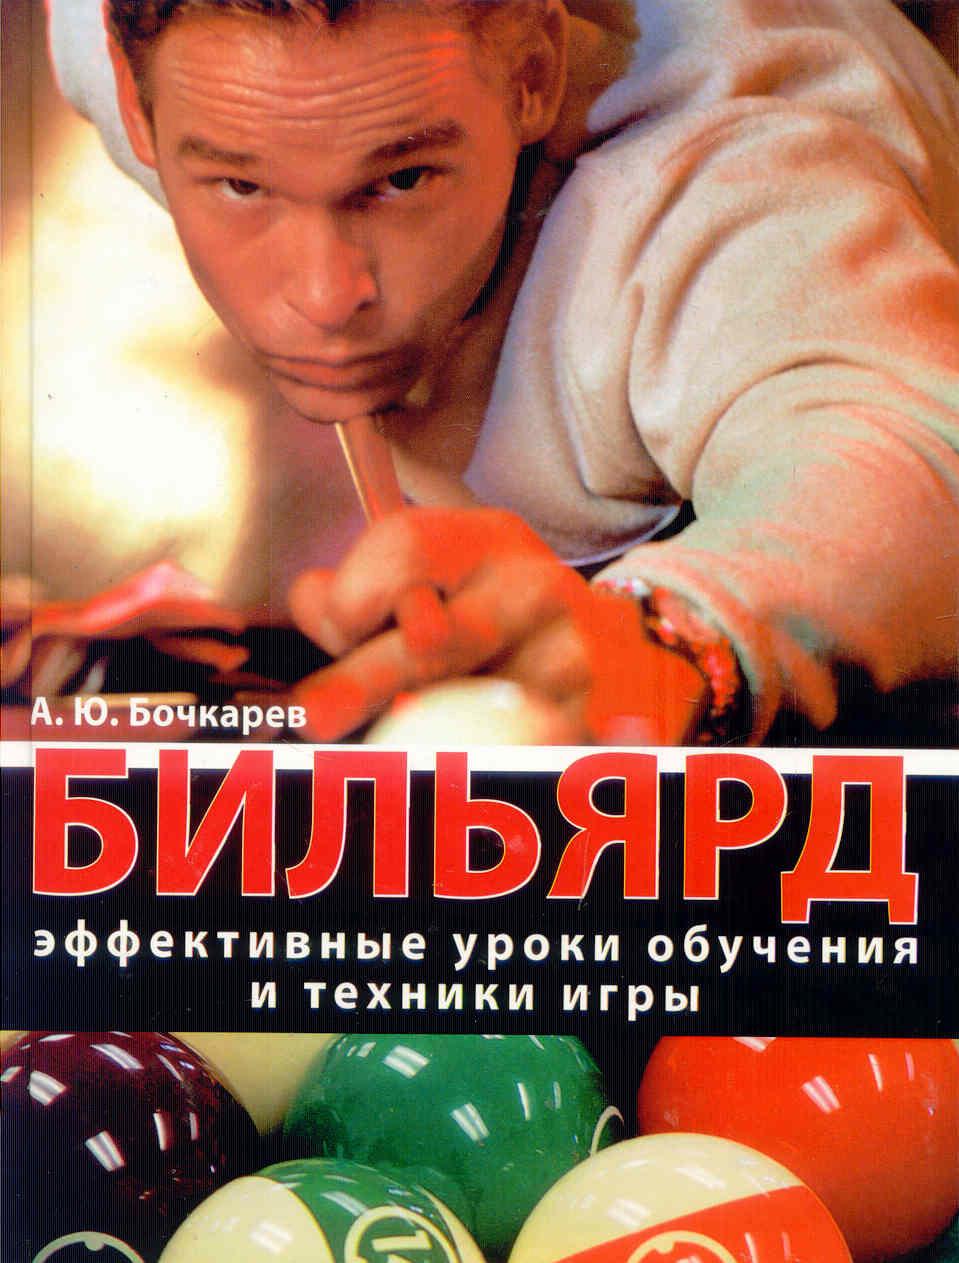 Александр Бочкарев Бильярд. Эффективные уроки обучения и техники игры стол для американского бильярда размеры